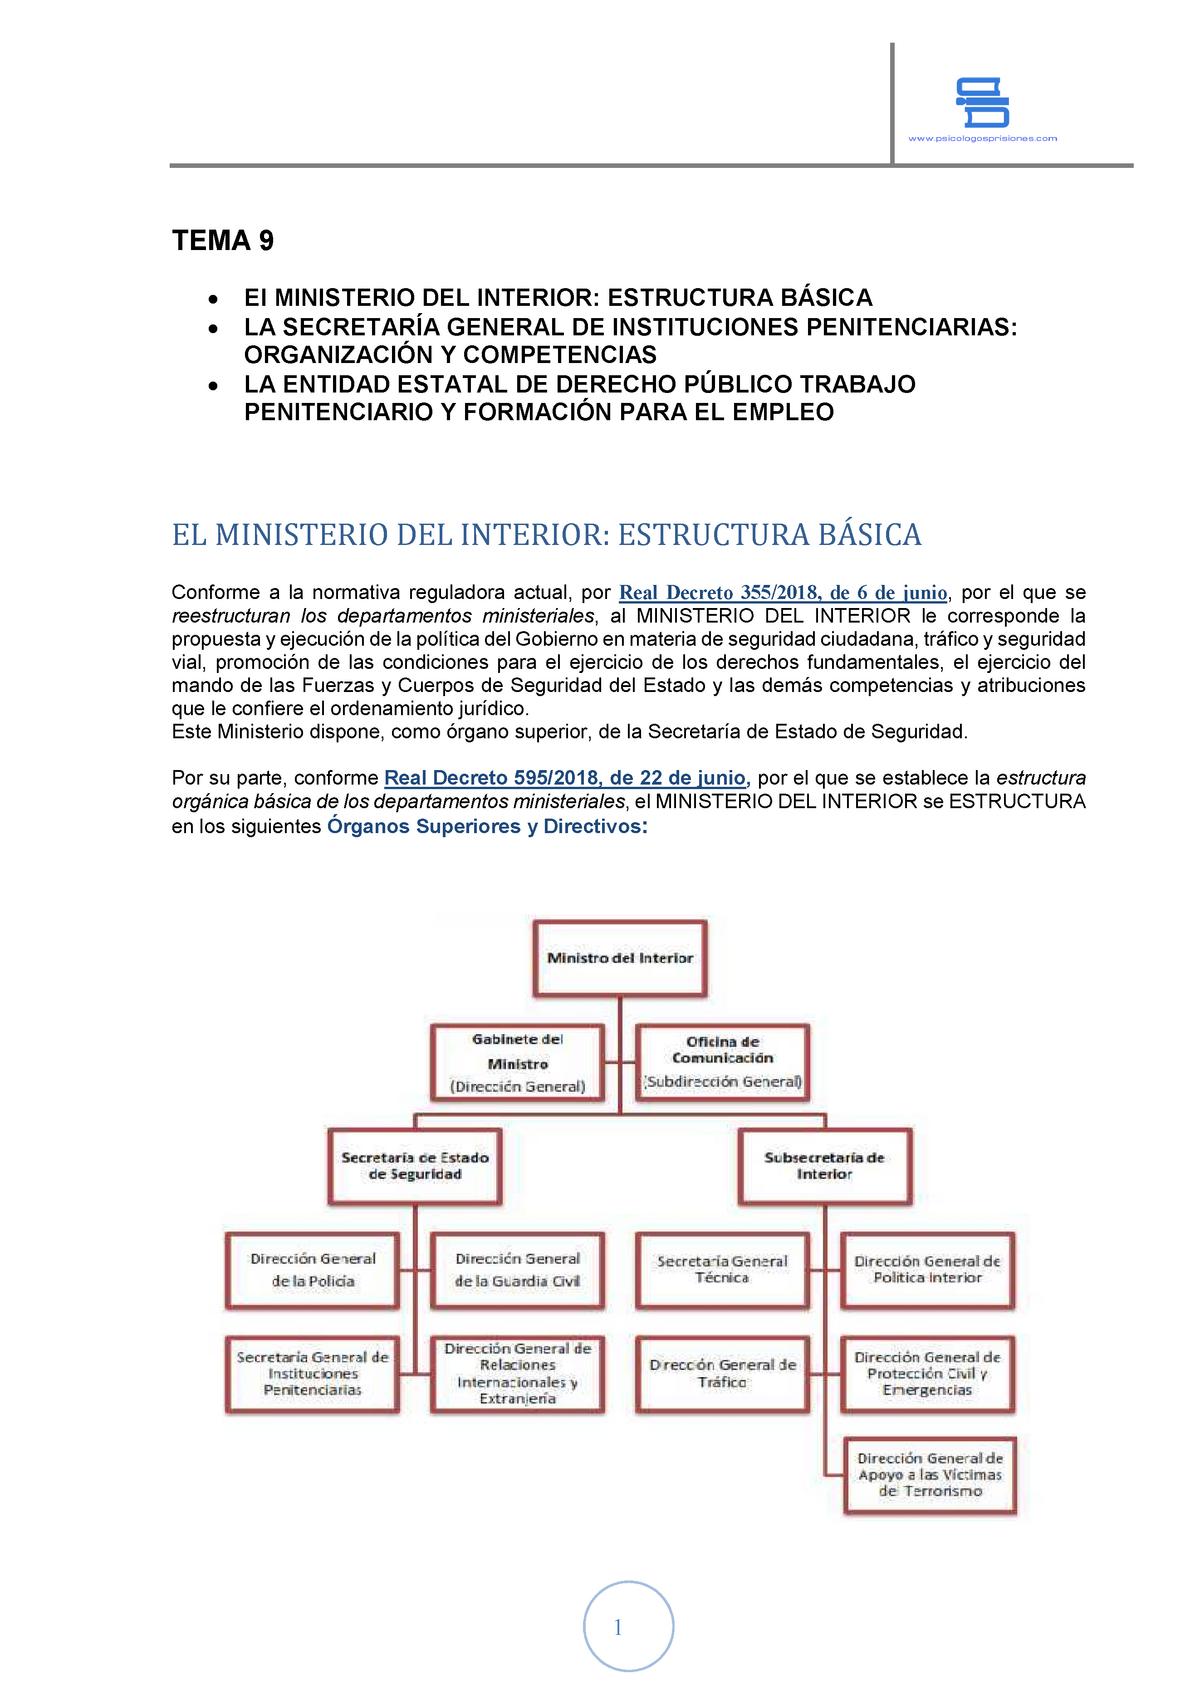 Tema 9 Estructura Orgánica Del Ministerio Del Interior